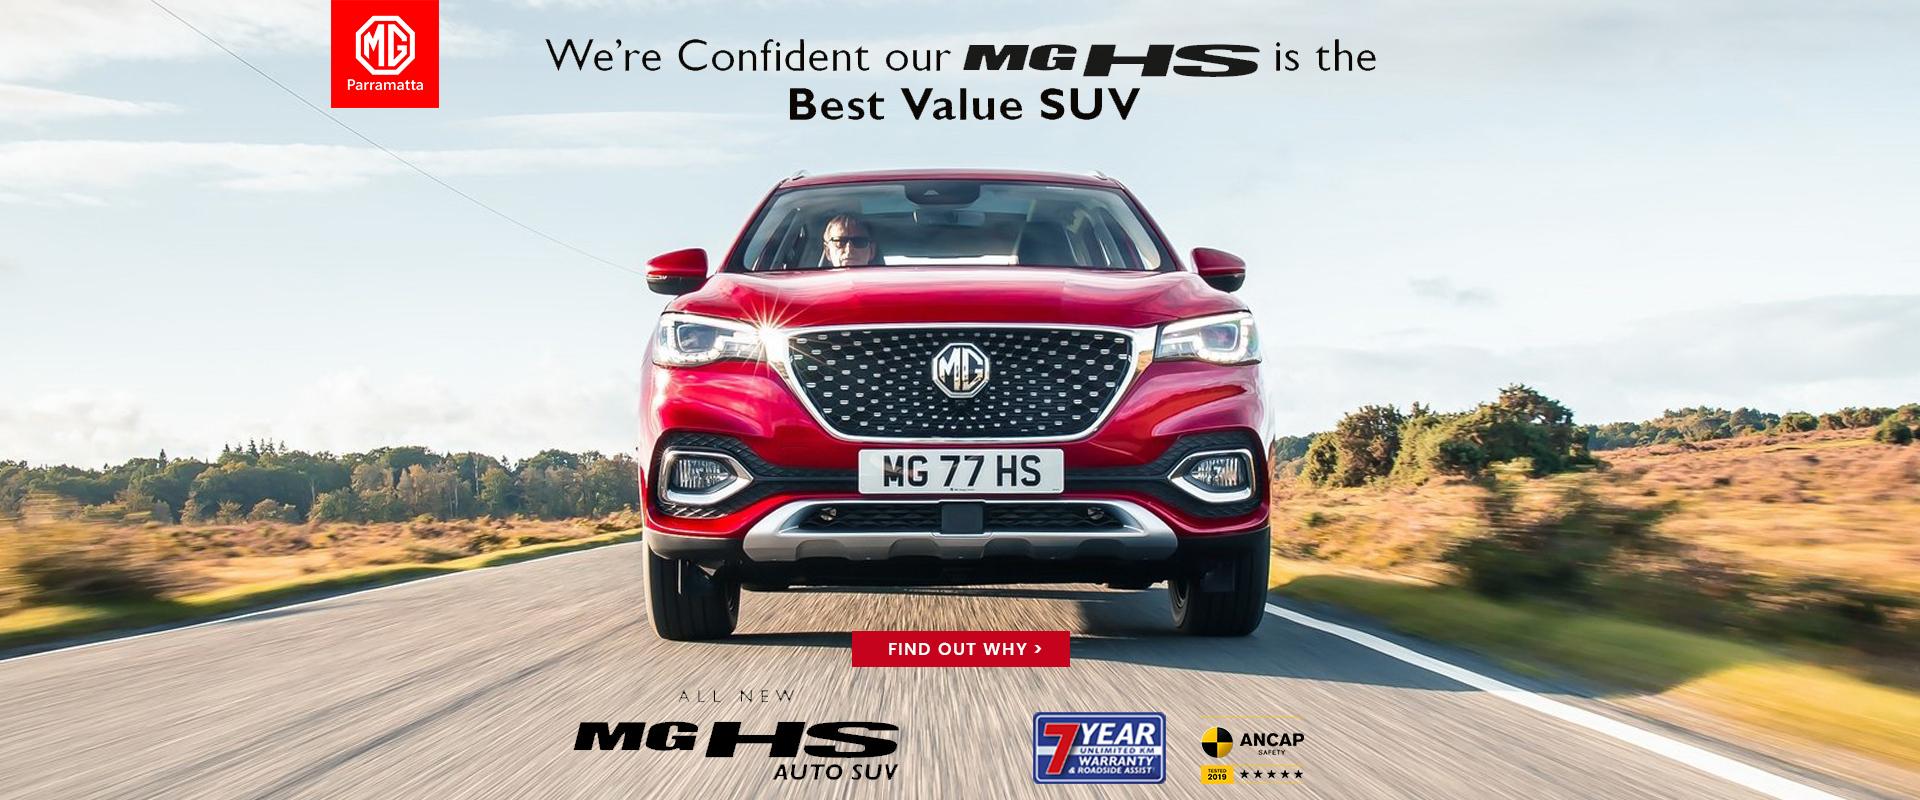 MG HS BEST VALUE TEST DRIVE OFFER - MG PARRAMATTA